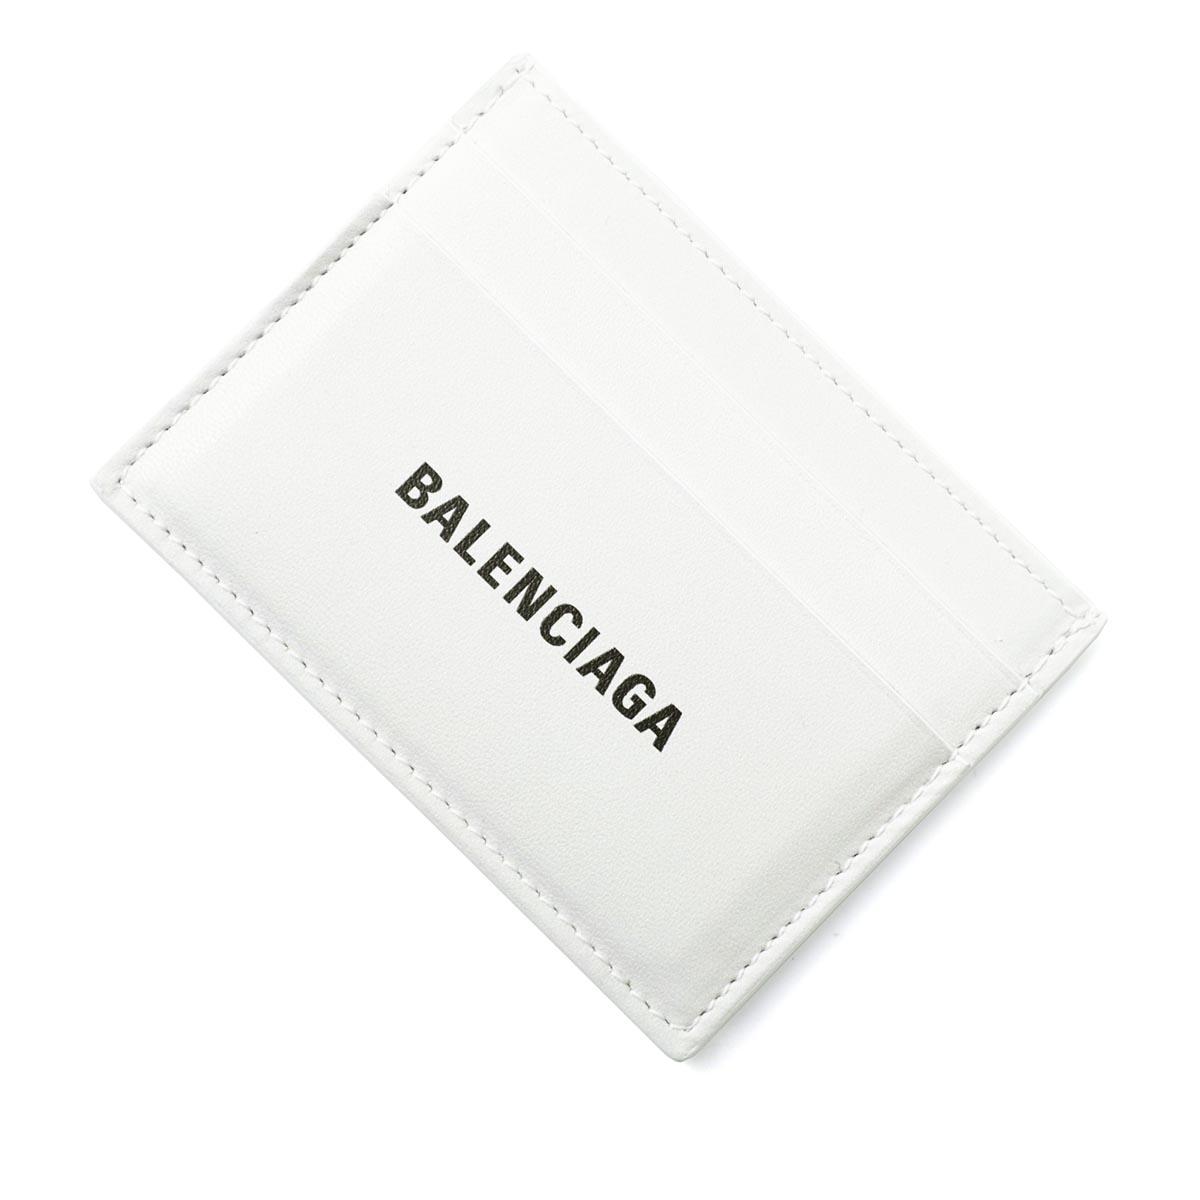 バレンシアガ BALENCIAGA カードケース 財布 ホワイト メンズ ウオレット 594309 1i313 9060 LOGO PRINTED CARDHOLDER【あす楽対応_関東】【返品送料無料】【ラッピング無料】